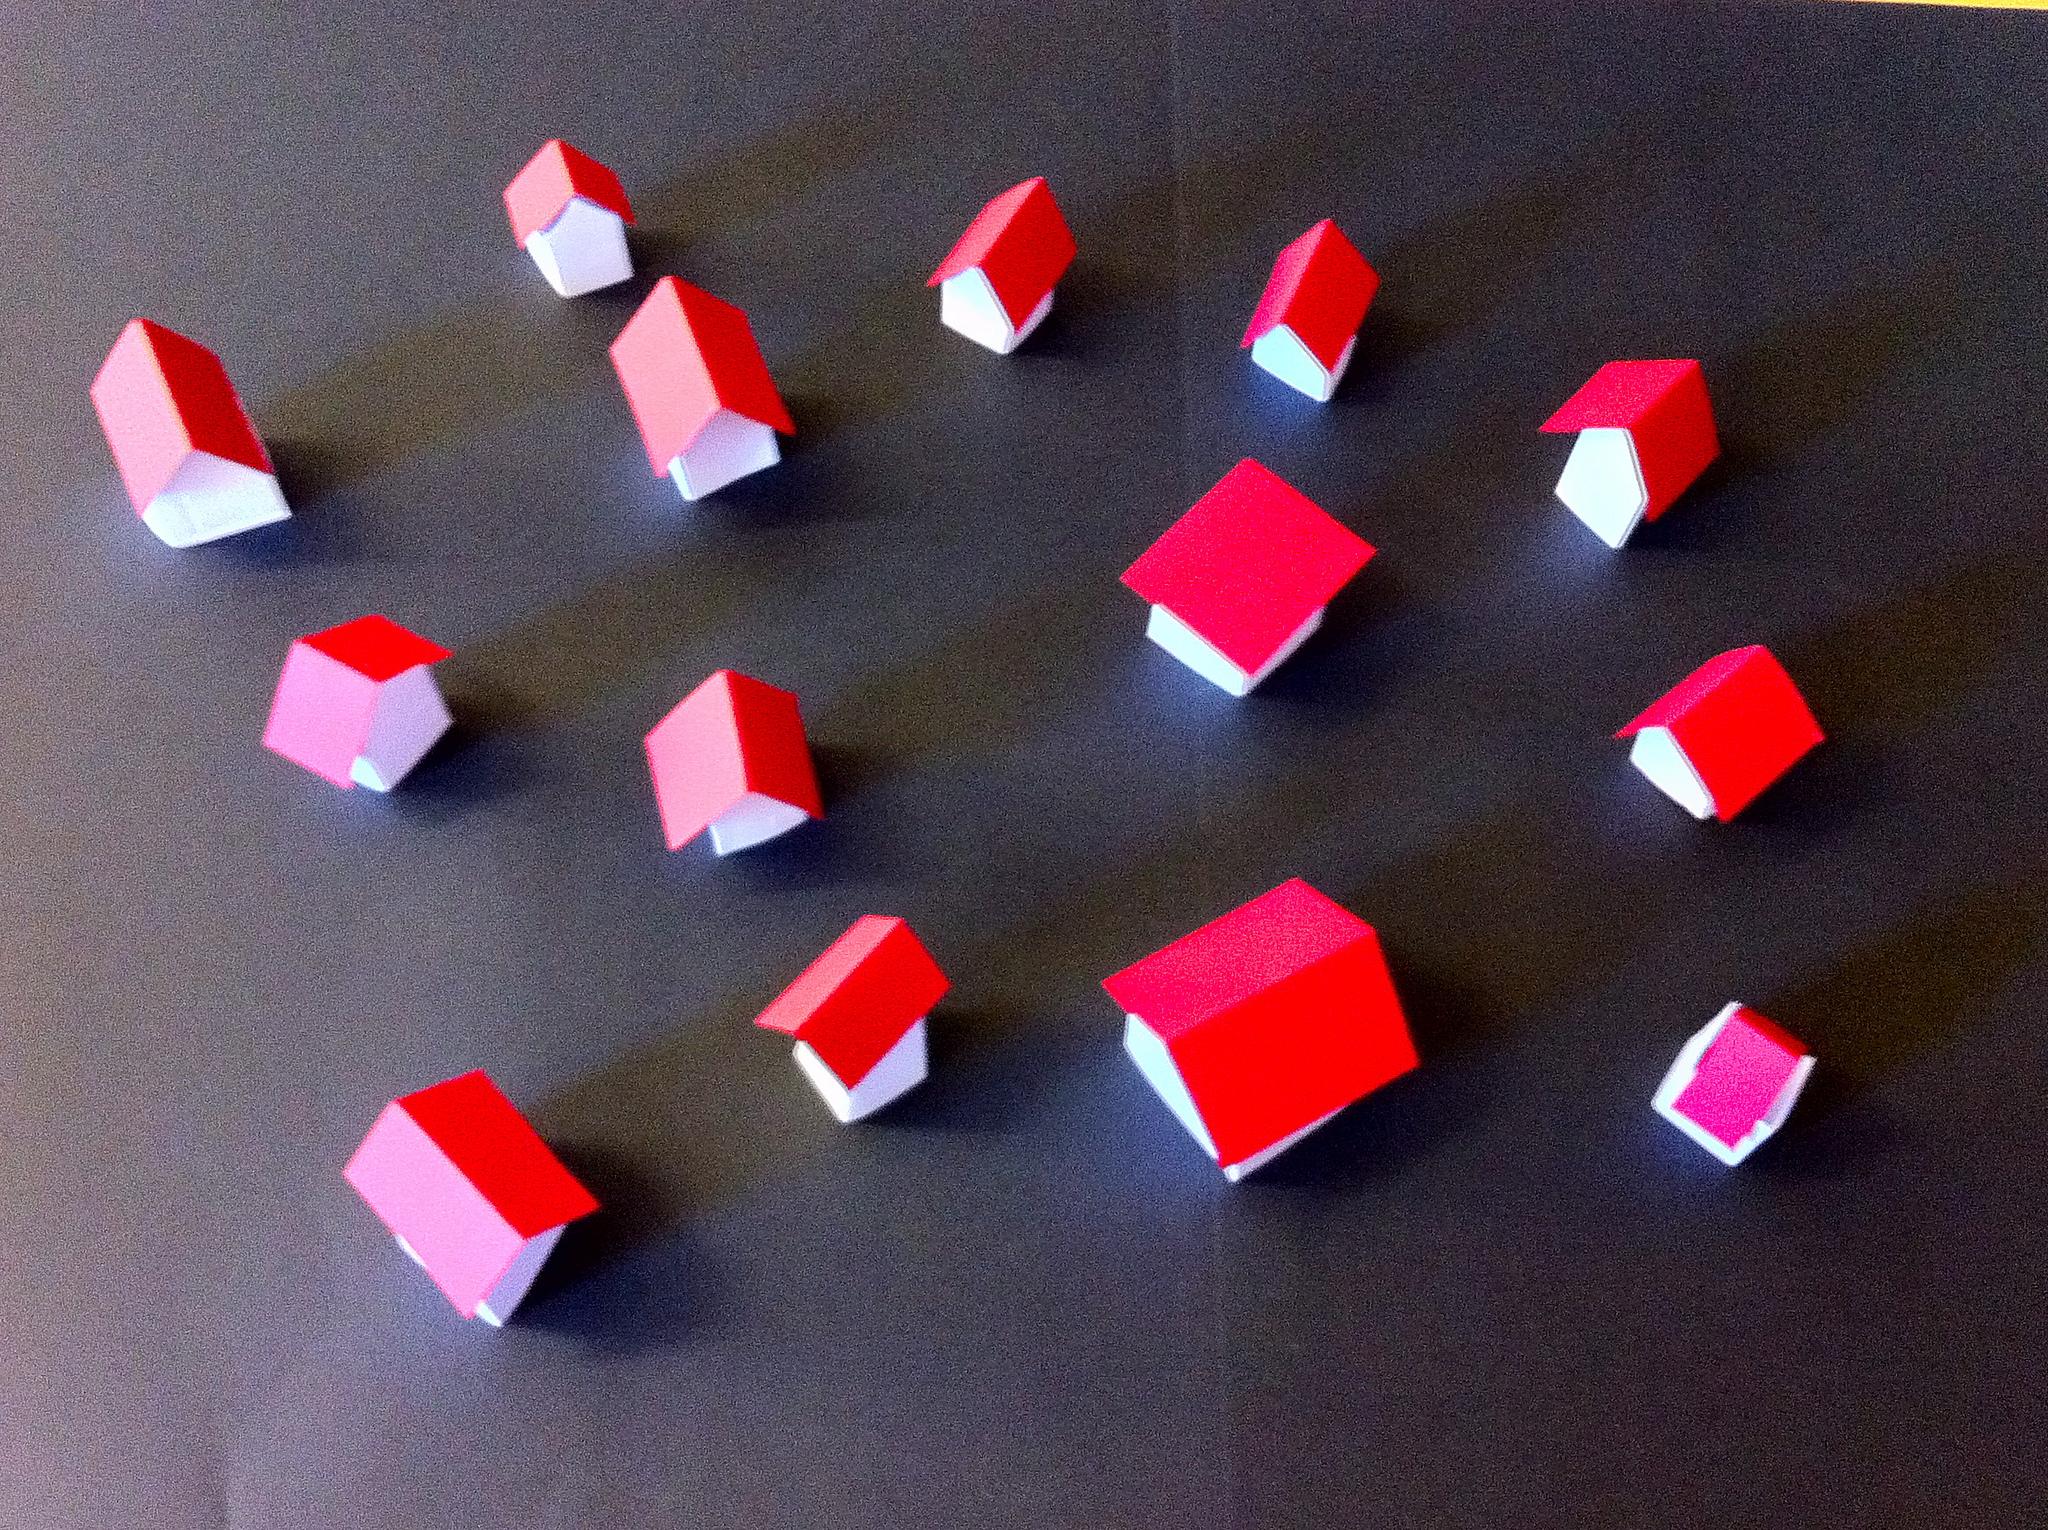 Reunión sobre arquitectura e infancia. Pedagogías urbanas desde el arte y la arquitectura.